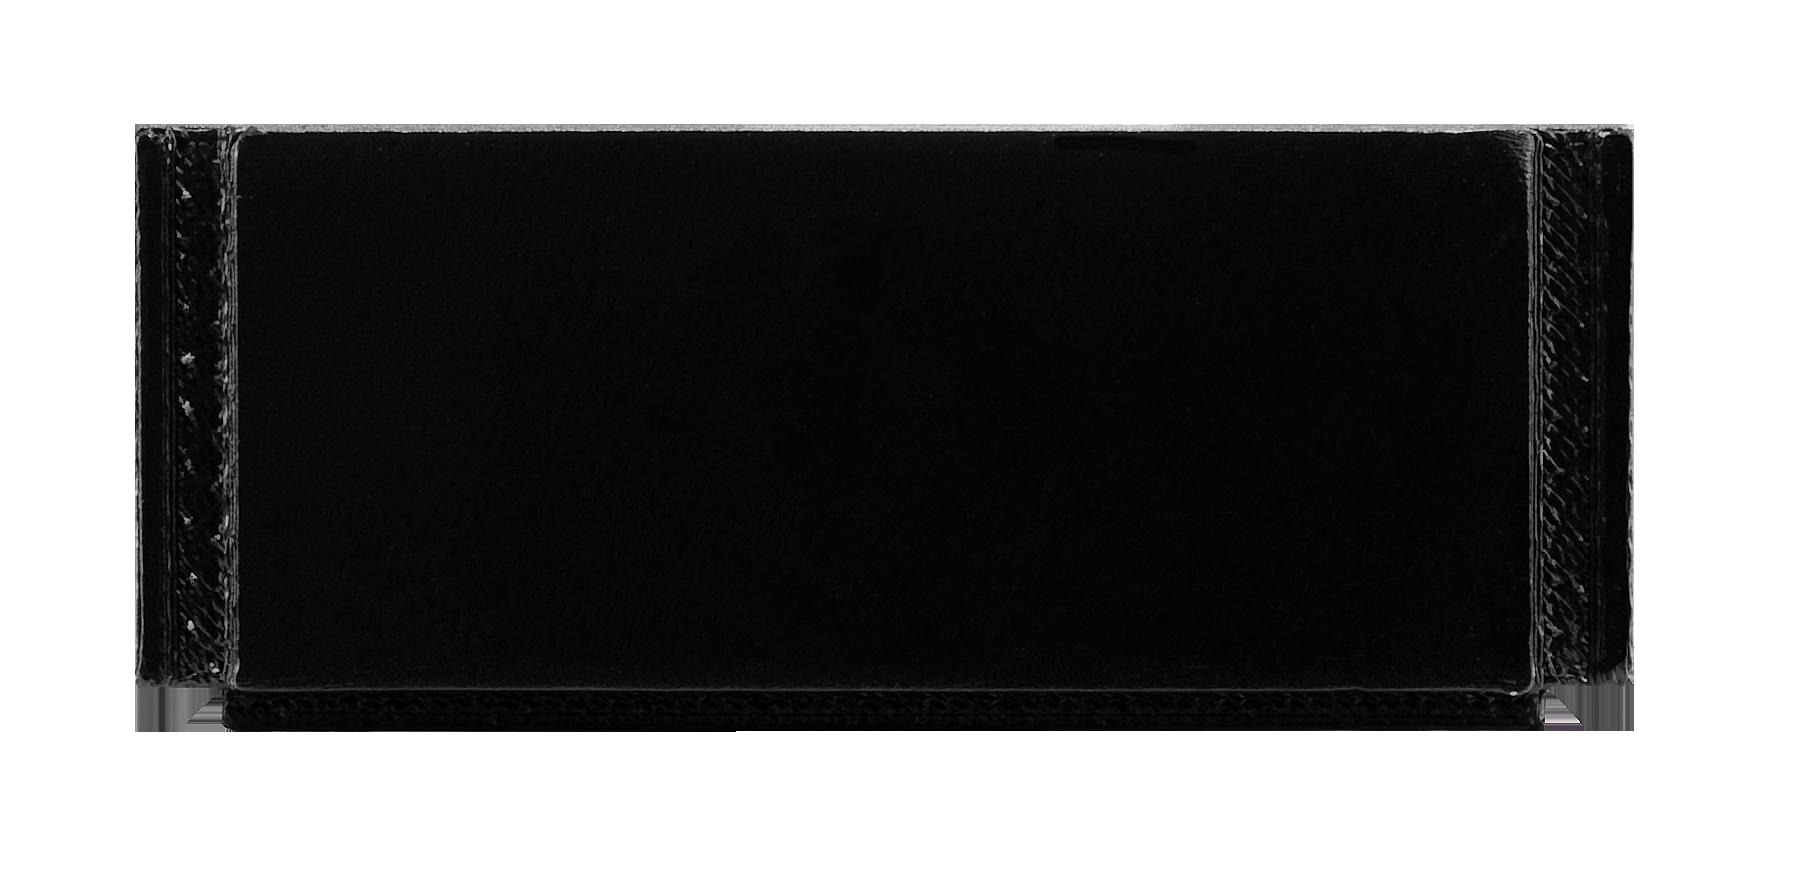 HPX-B100 - Front